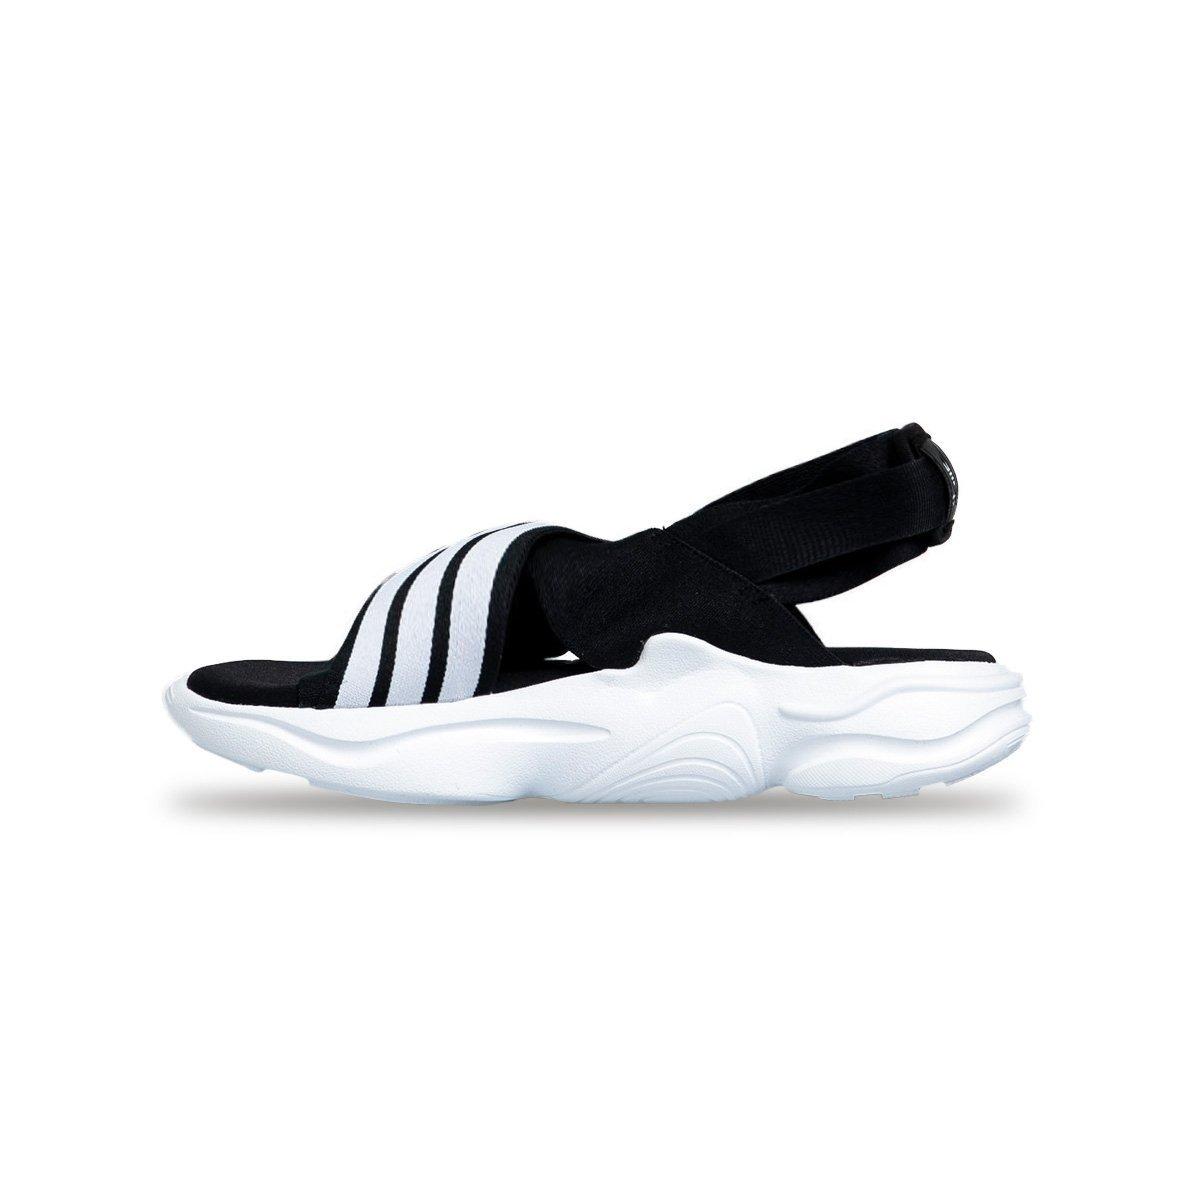 Adidas Originals WMNS Magmur Sandal core blackcloud whitecloud white (EF5863)